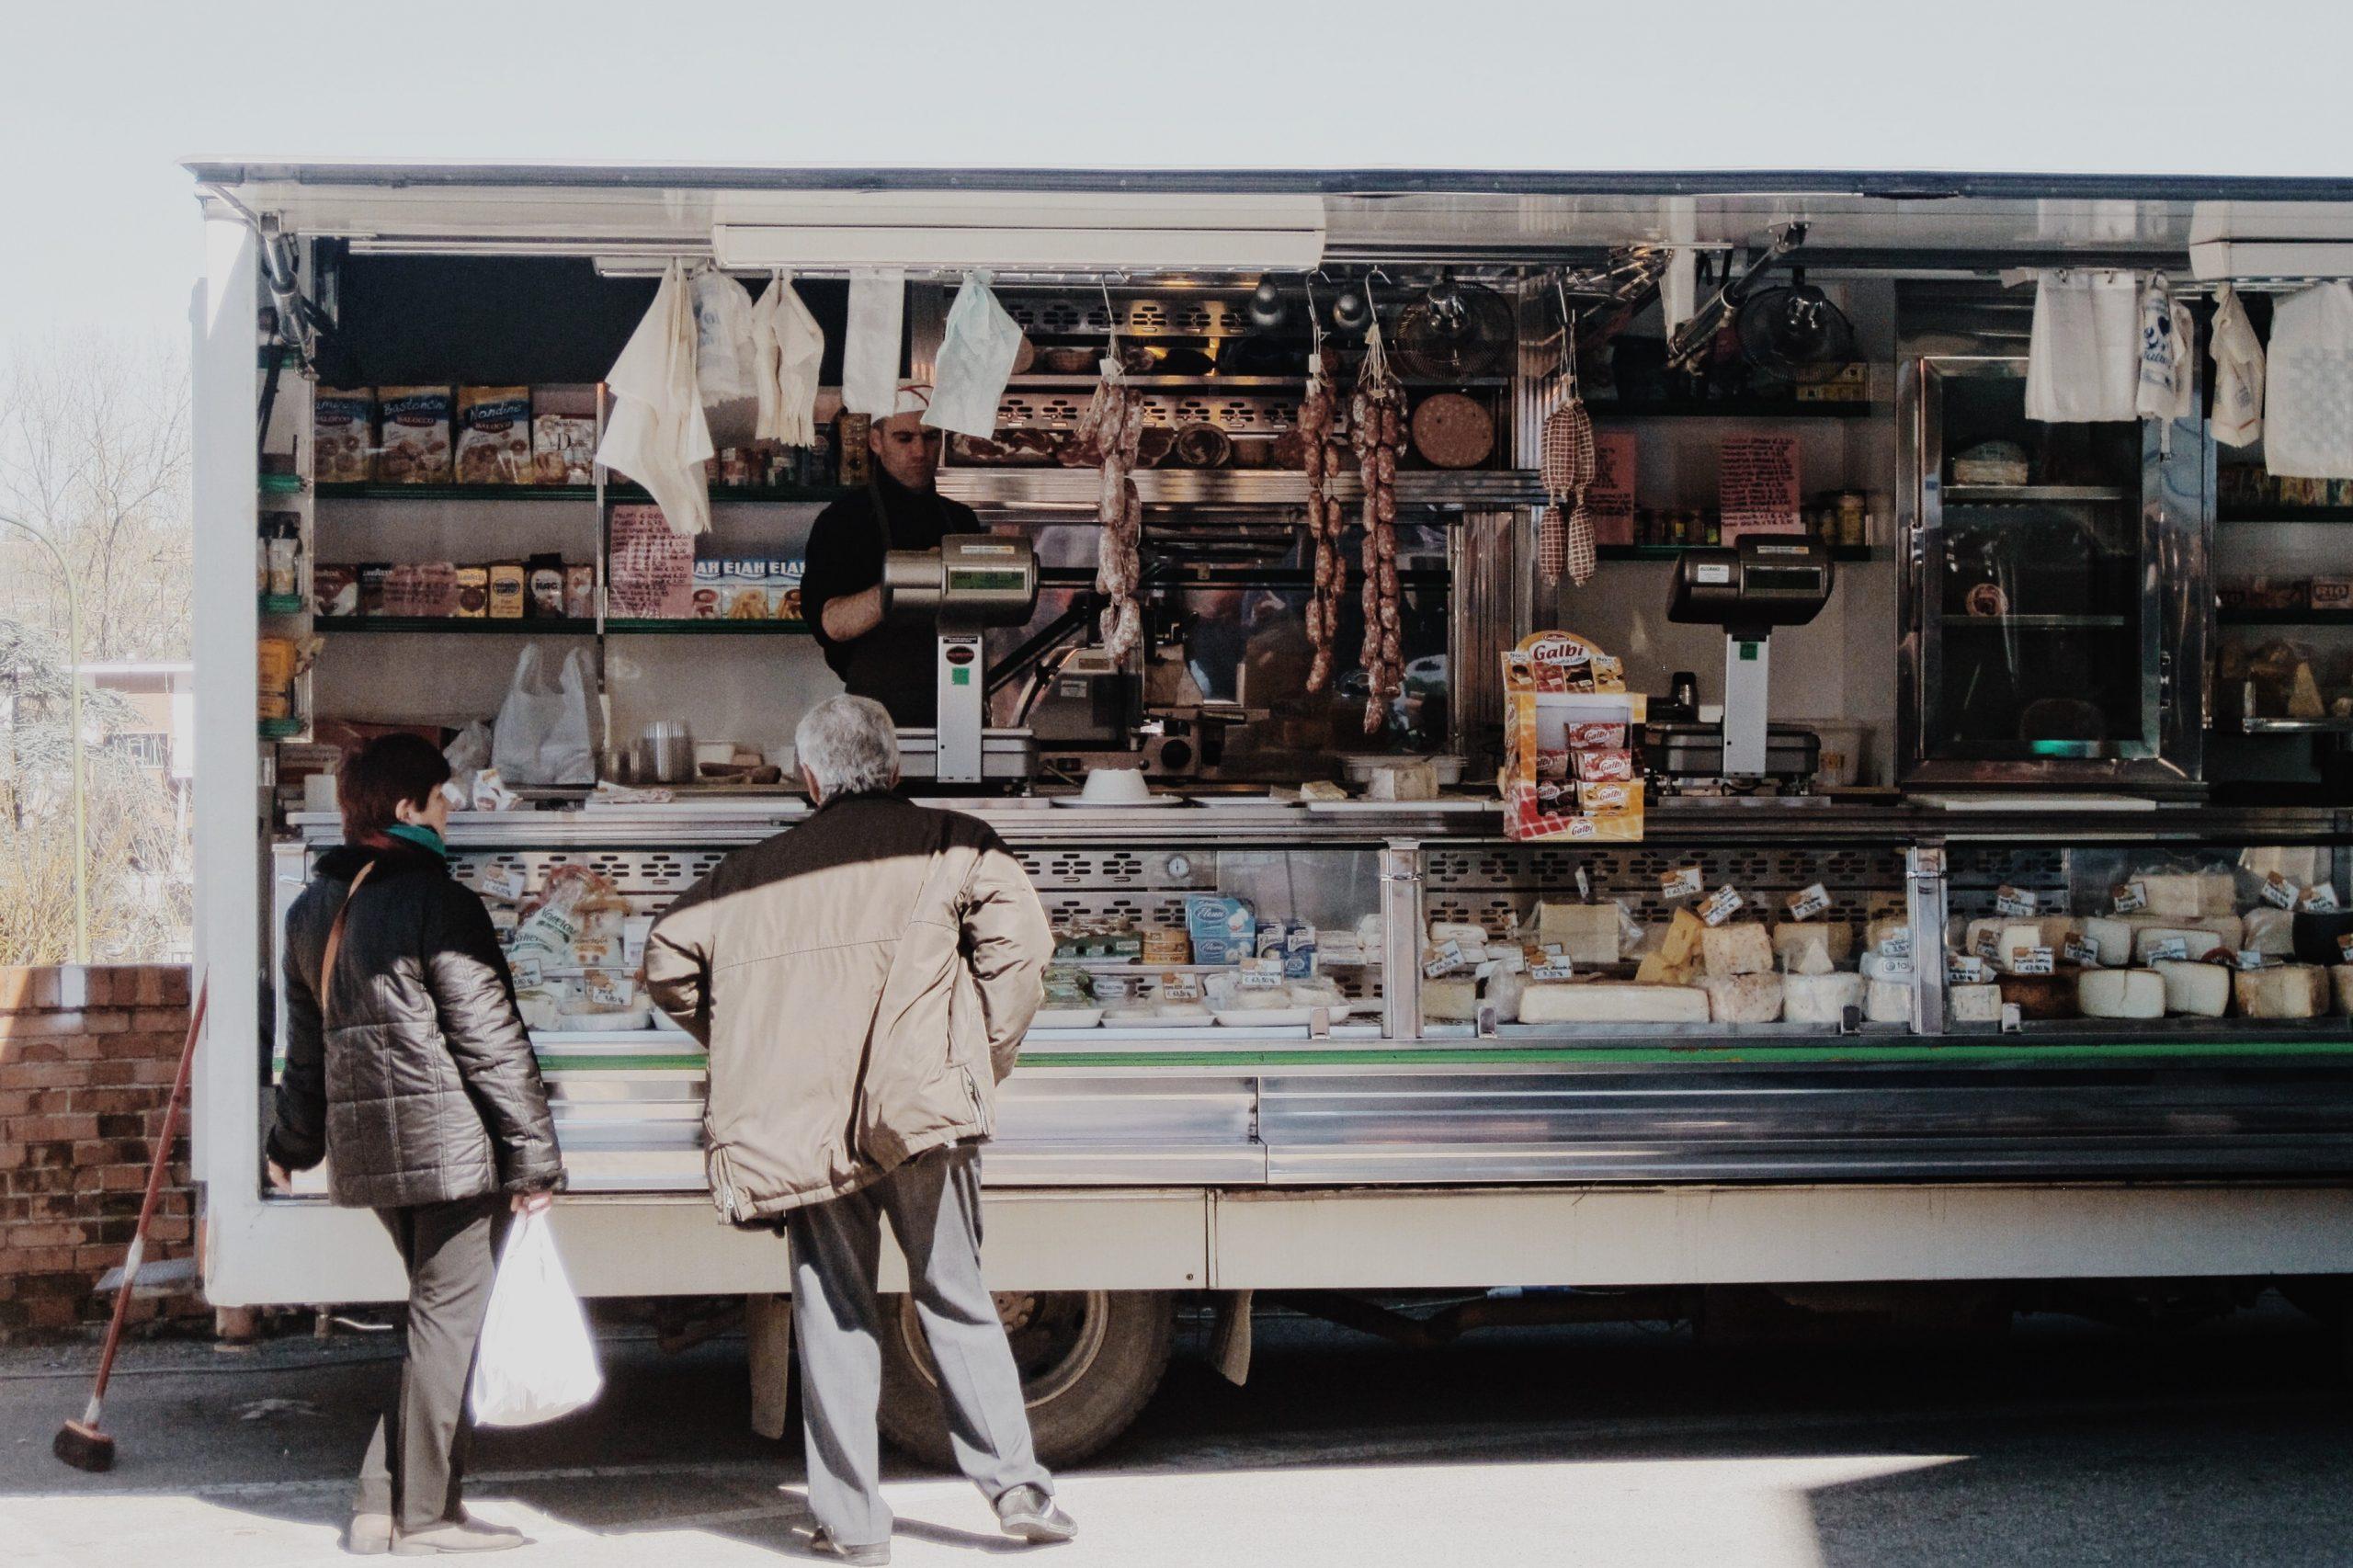 alba italy market